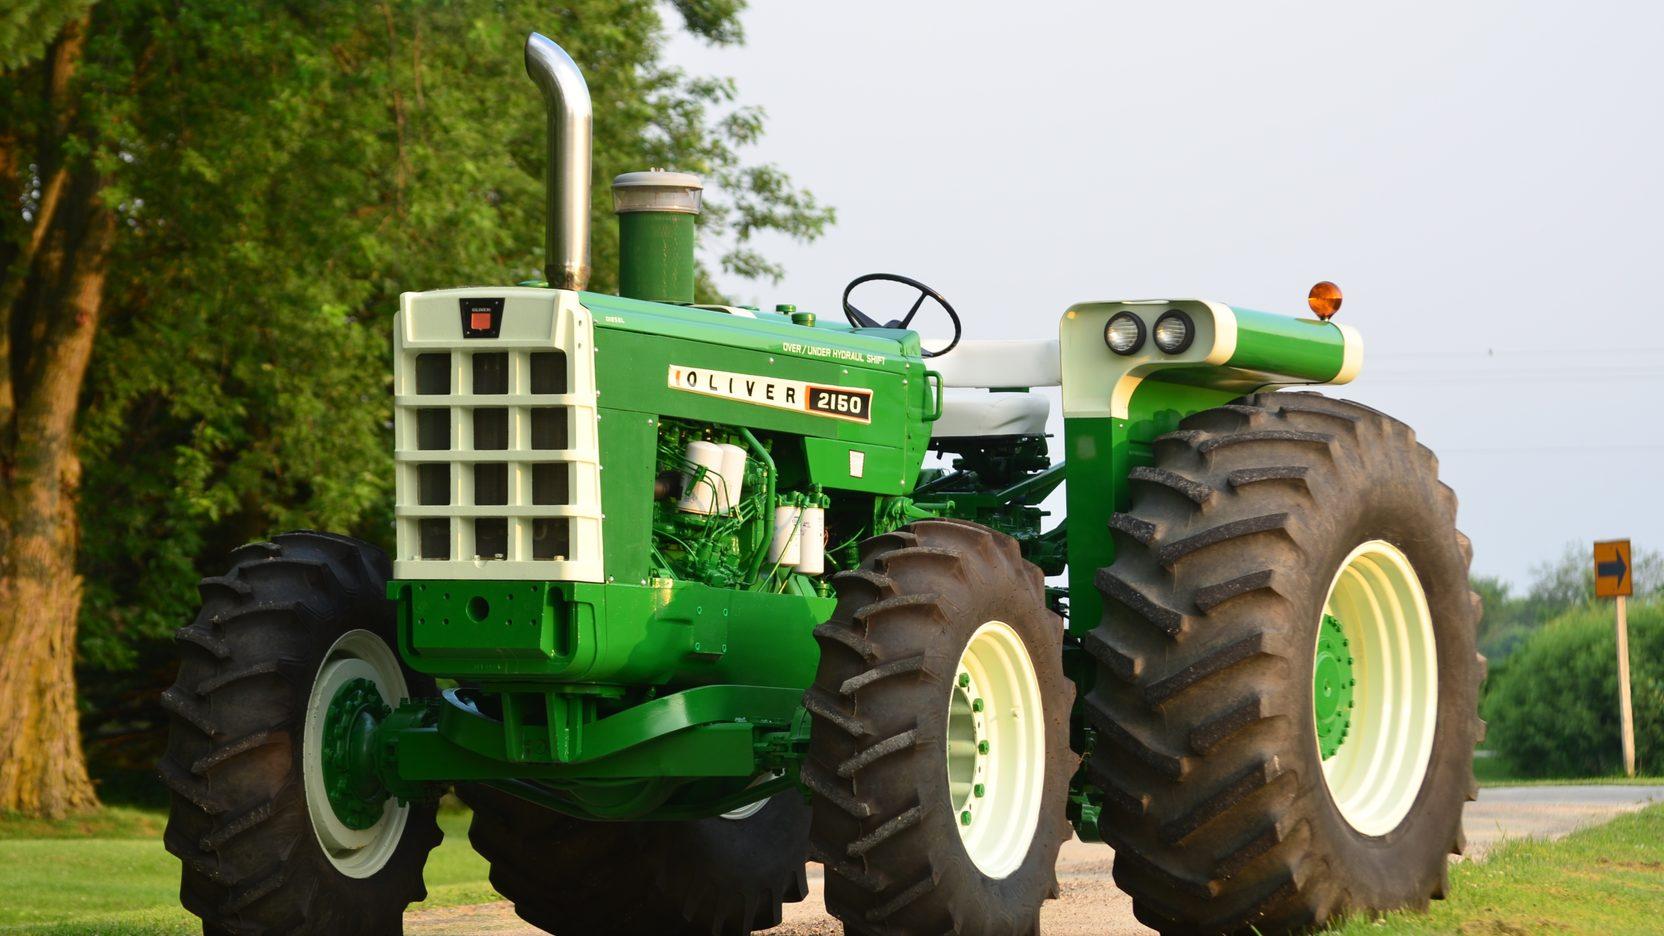 medium resolution of  oliver 2150 wiring schematic diagram on oliver parts diagram oliver tractor oliver ignition